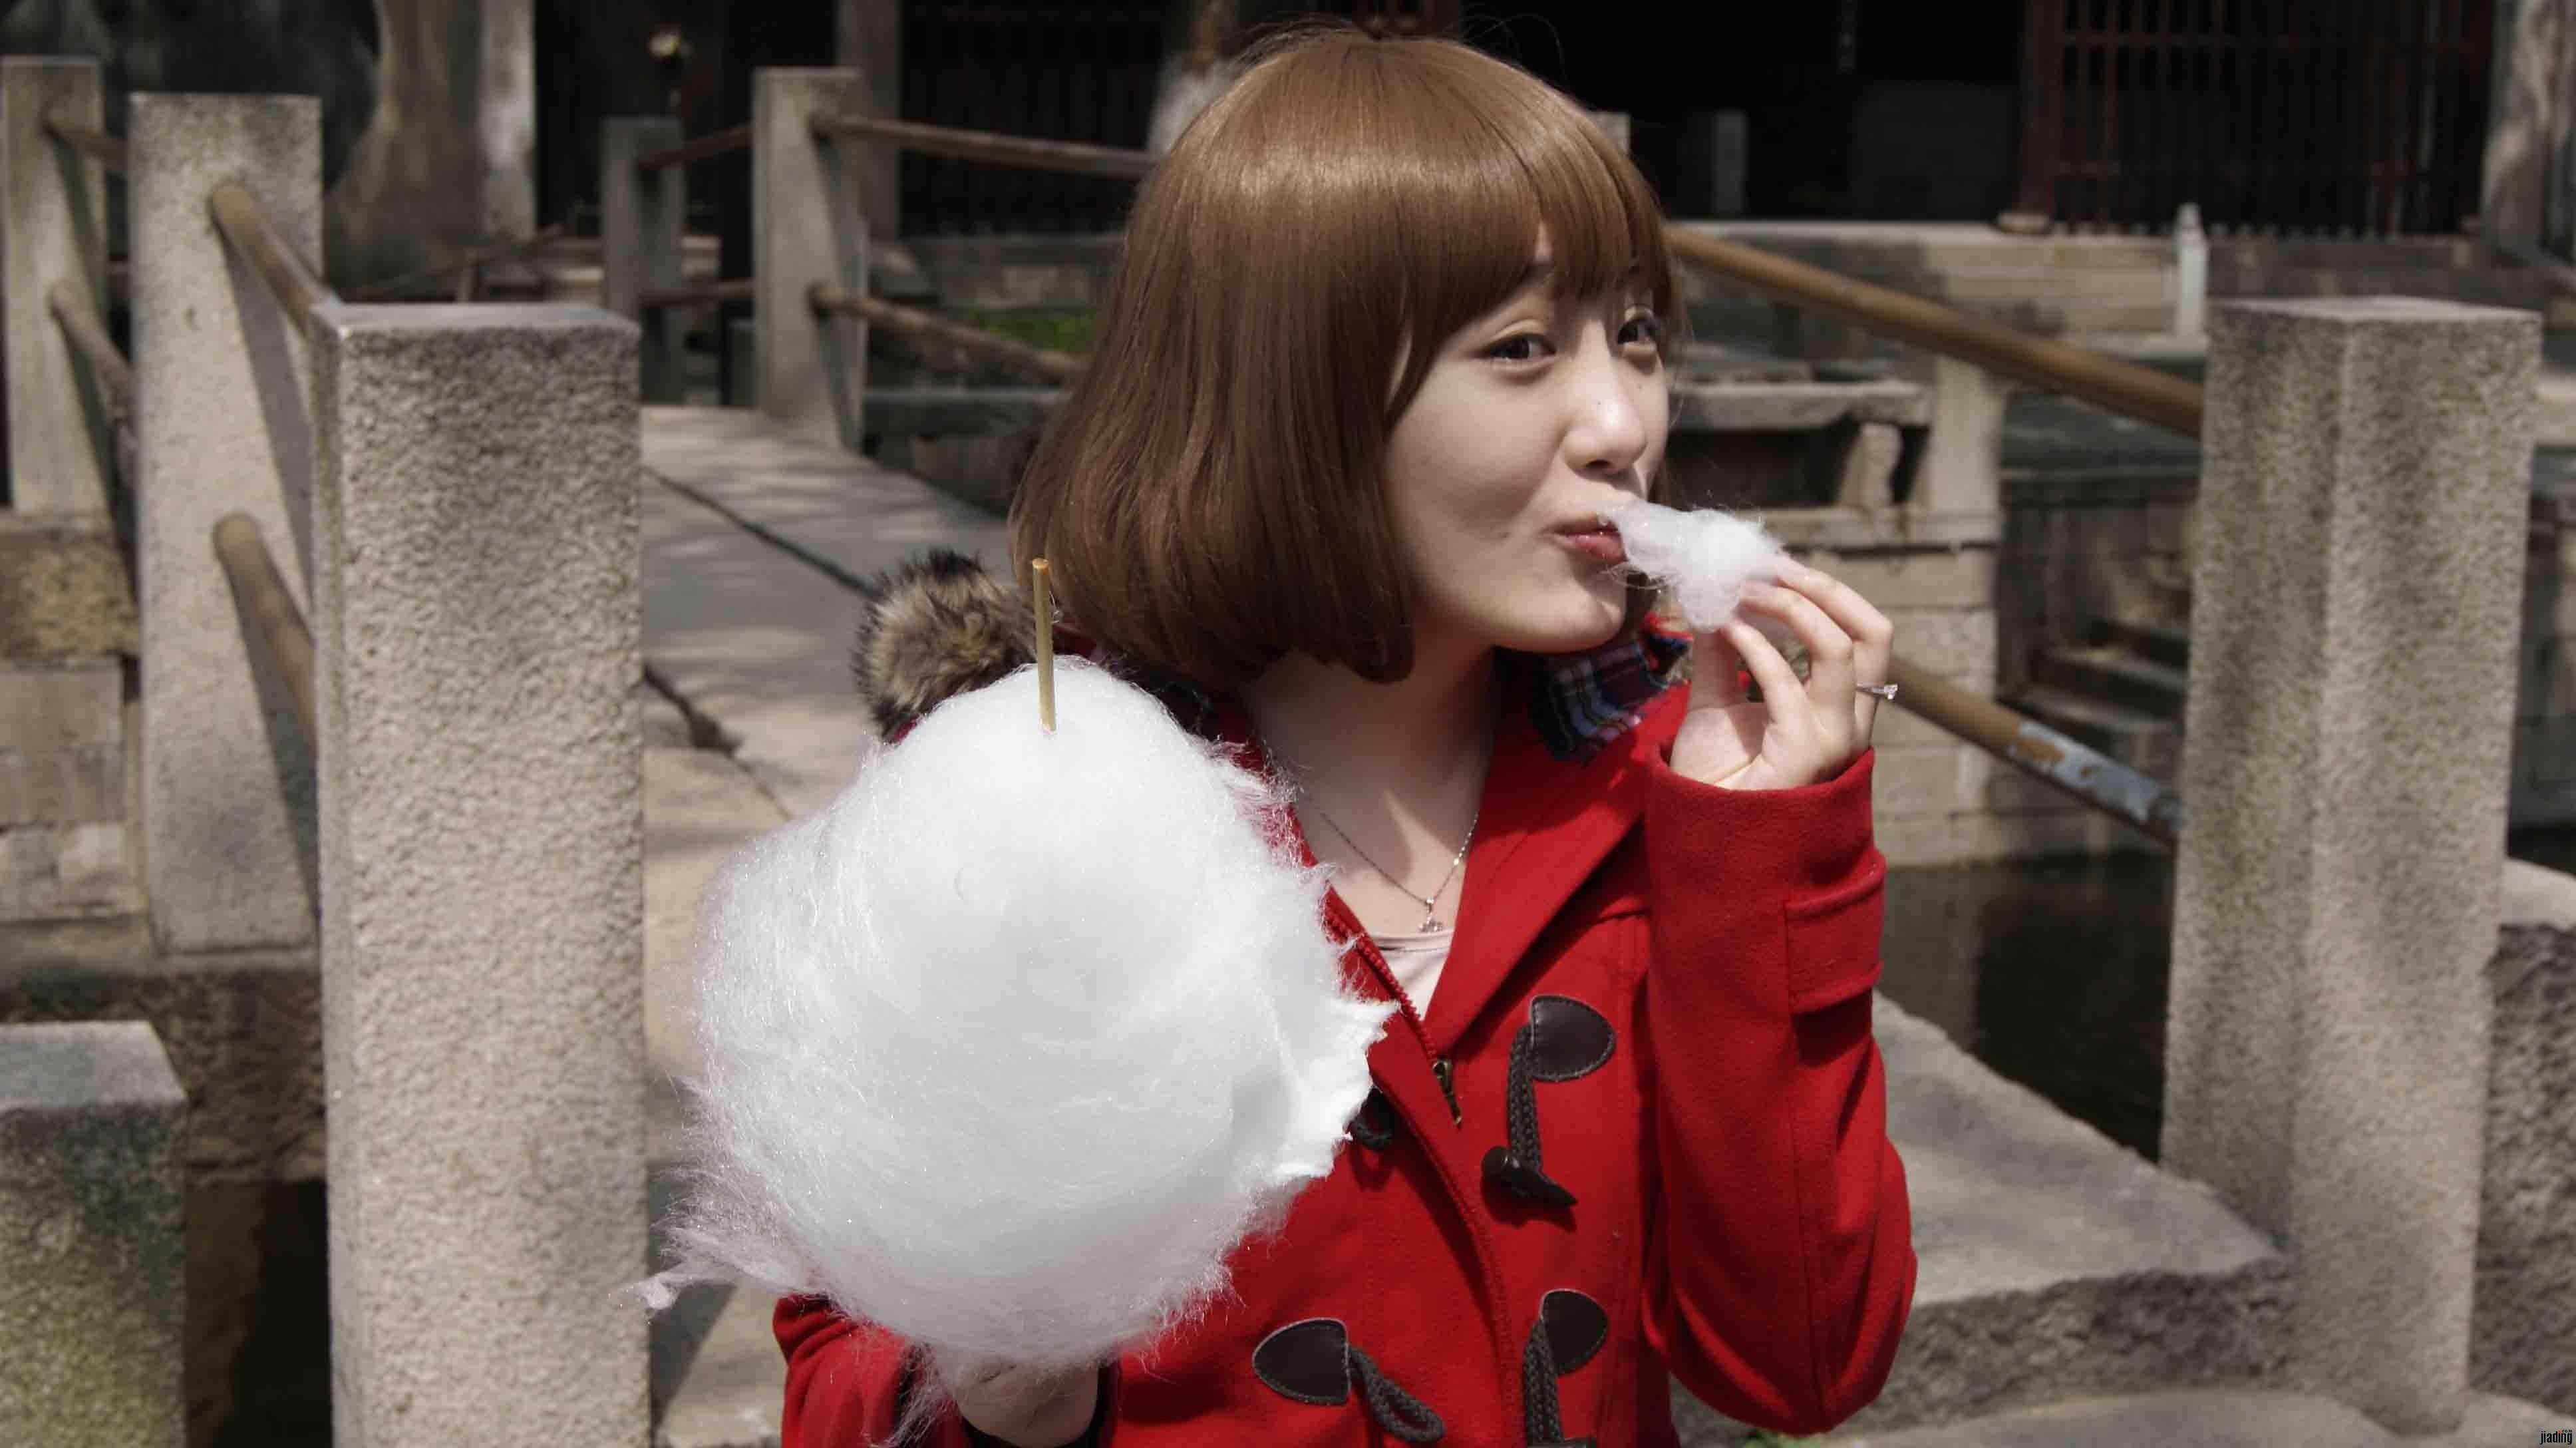 同行的美女 好大的棉花糖